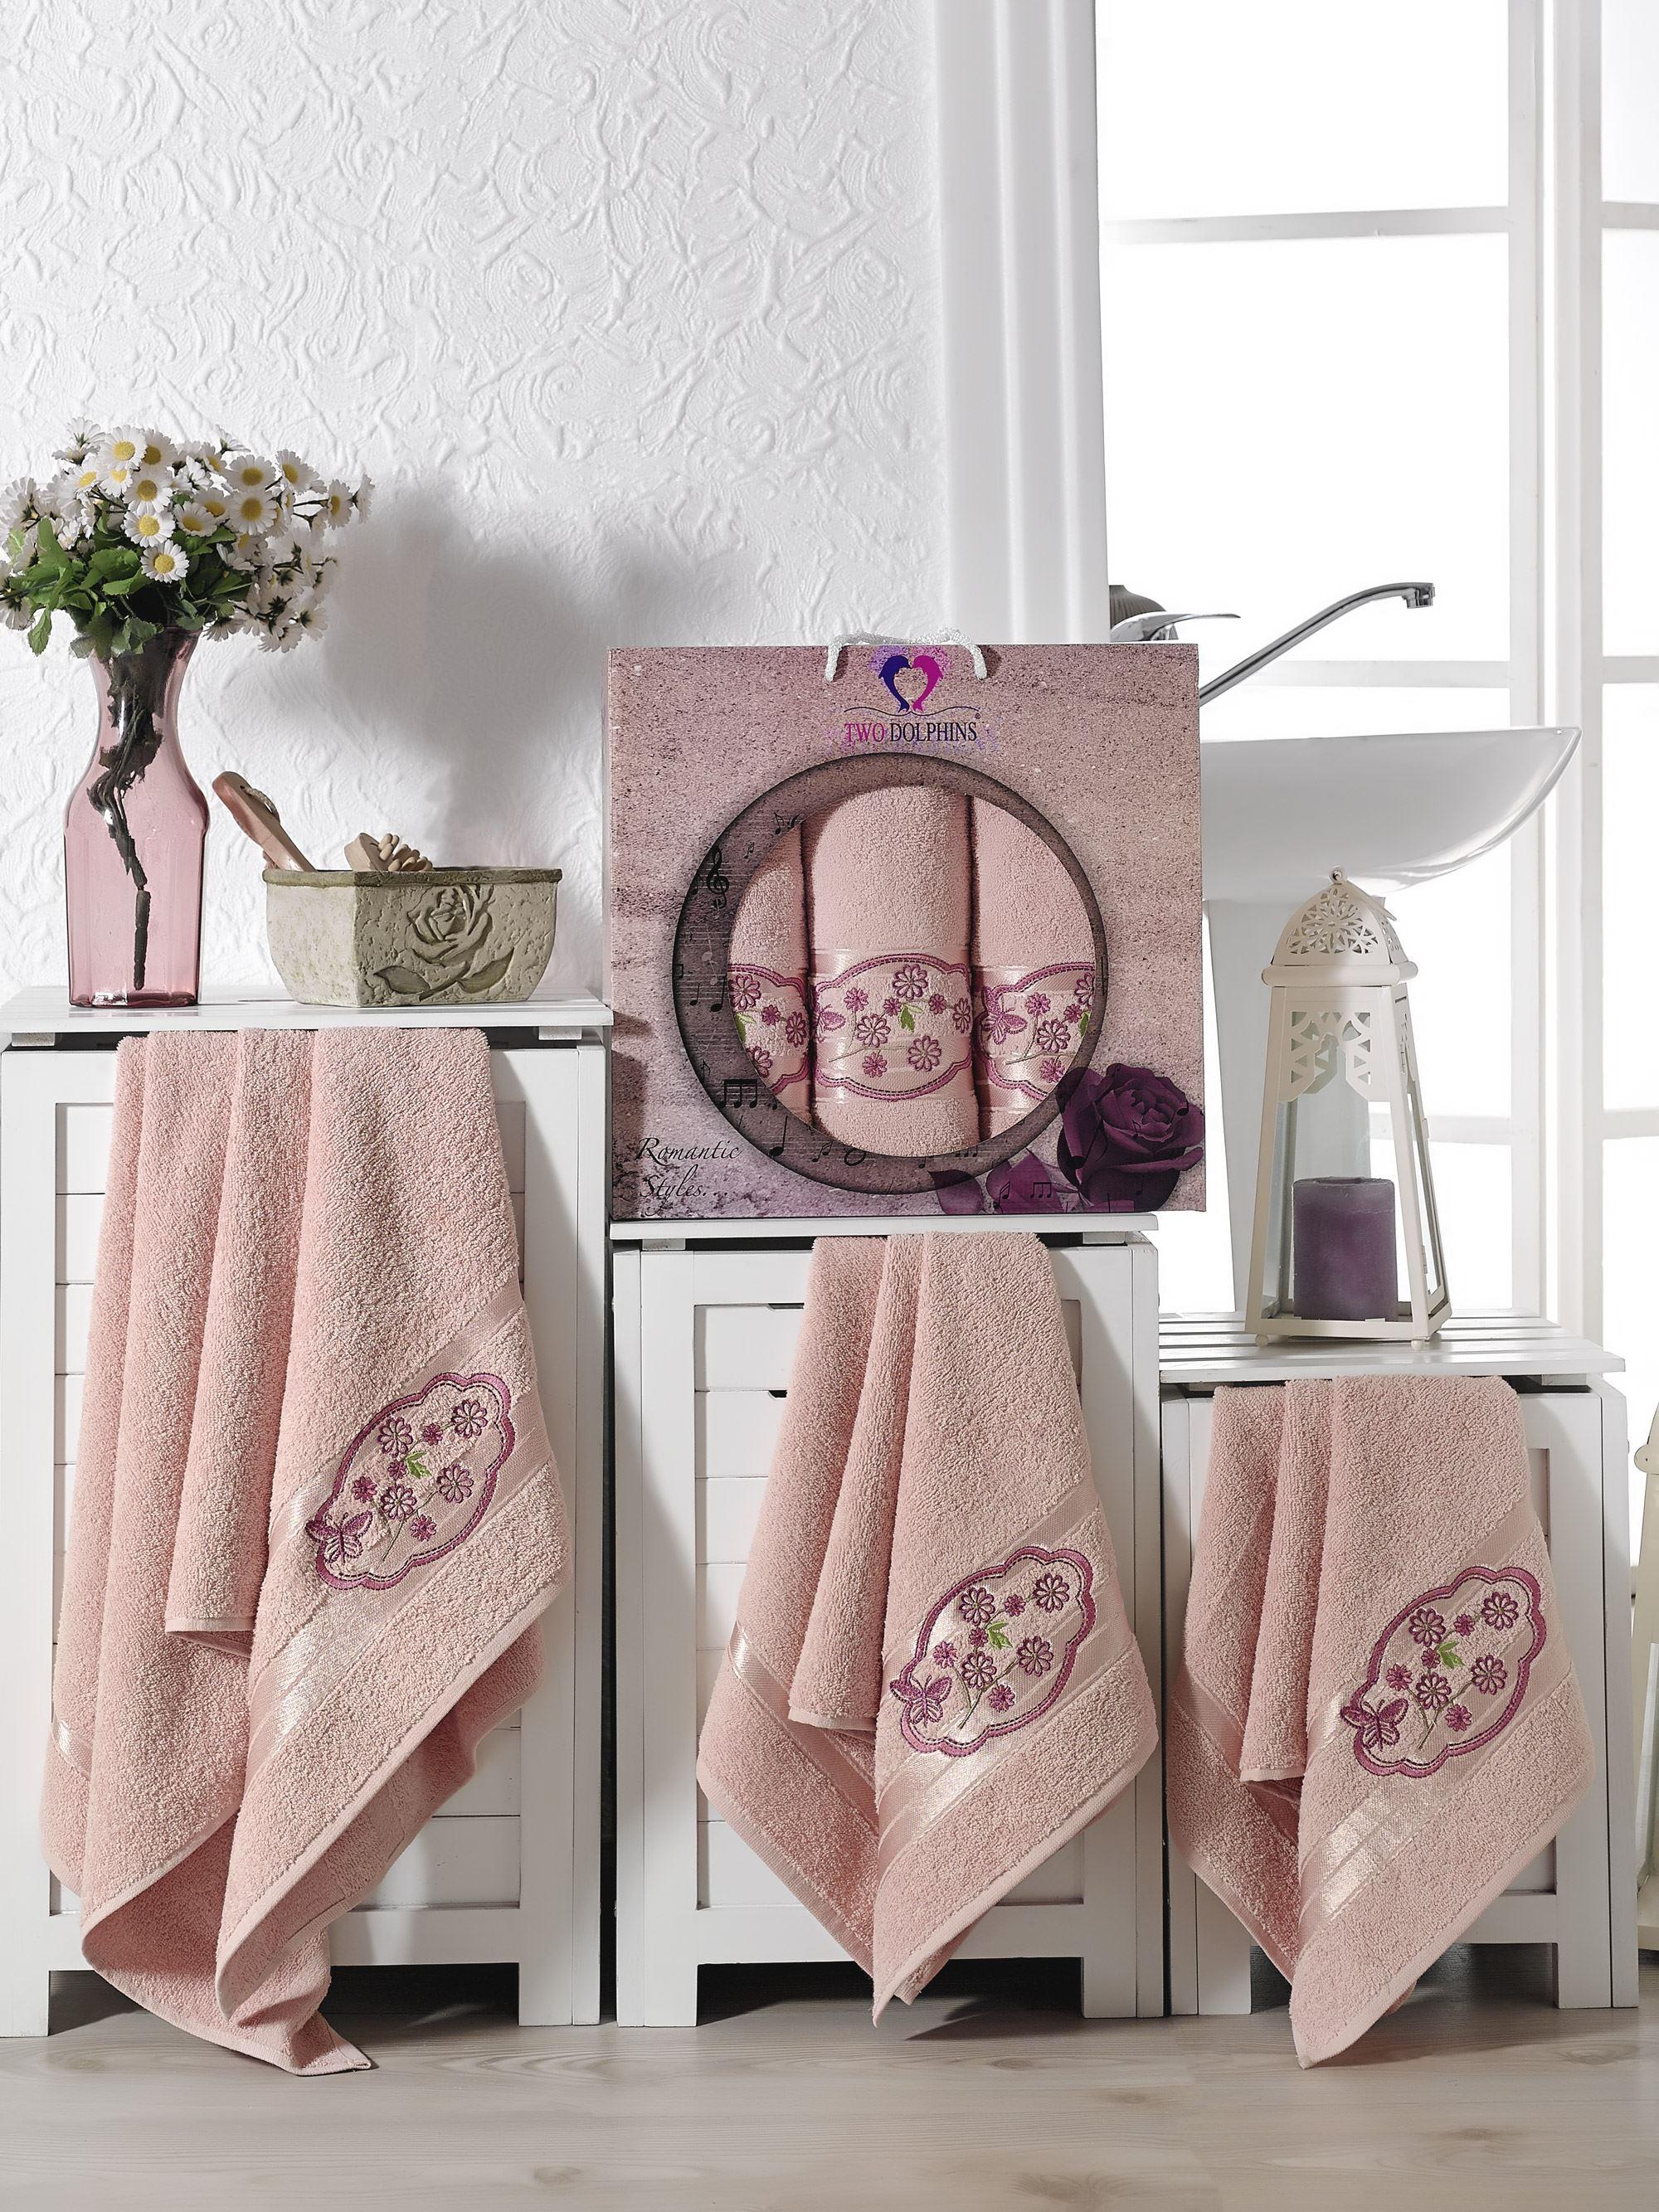 Полотенца Two Dolphins Полотенце Romantic Styles Цвет: Пудра (50х90 см - 2 шт,70х140 см) набор из 3 полотенец merzuka sakura 50х90 2 70х140 8432 терракотовый